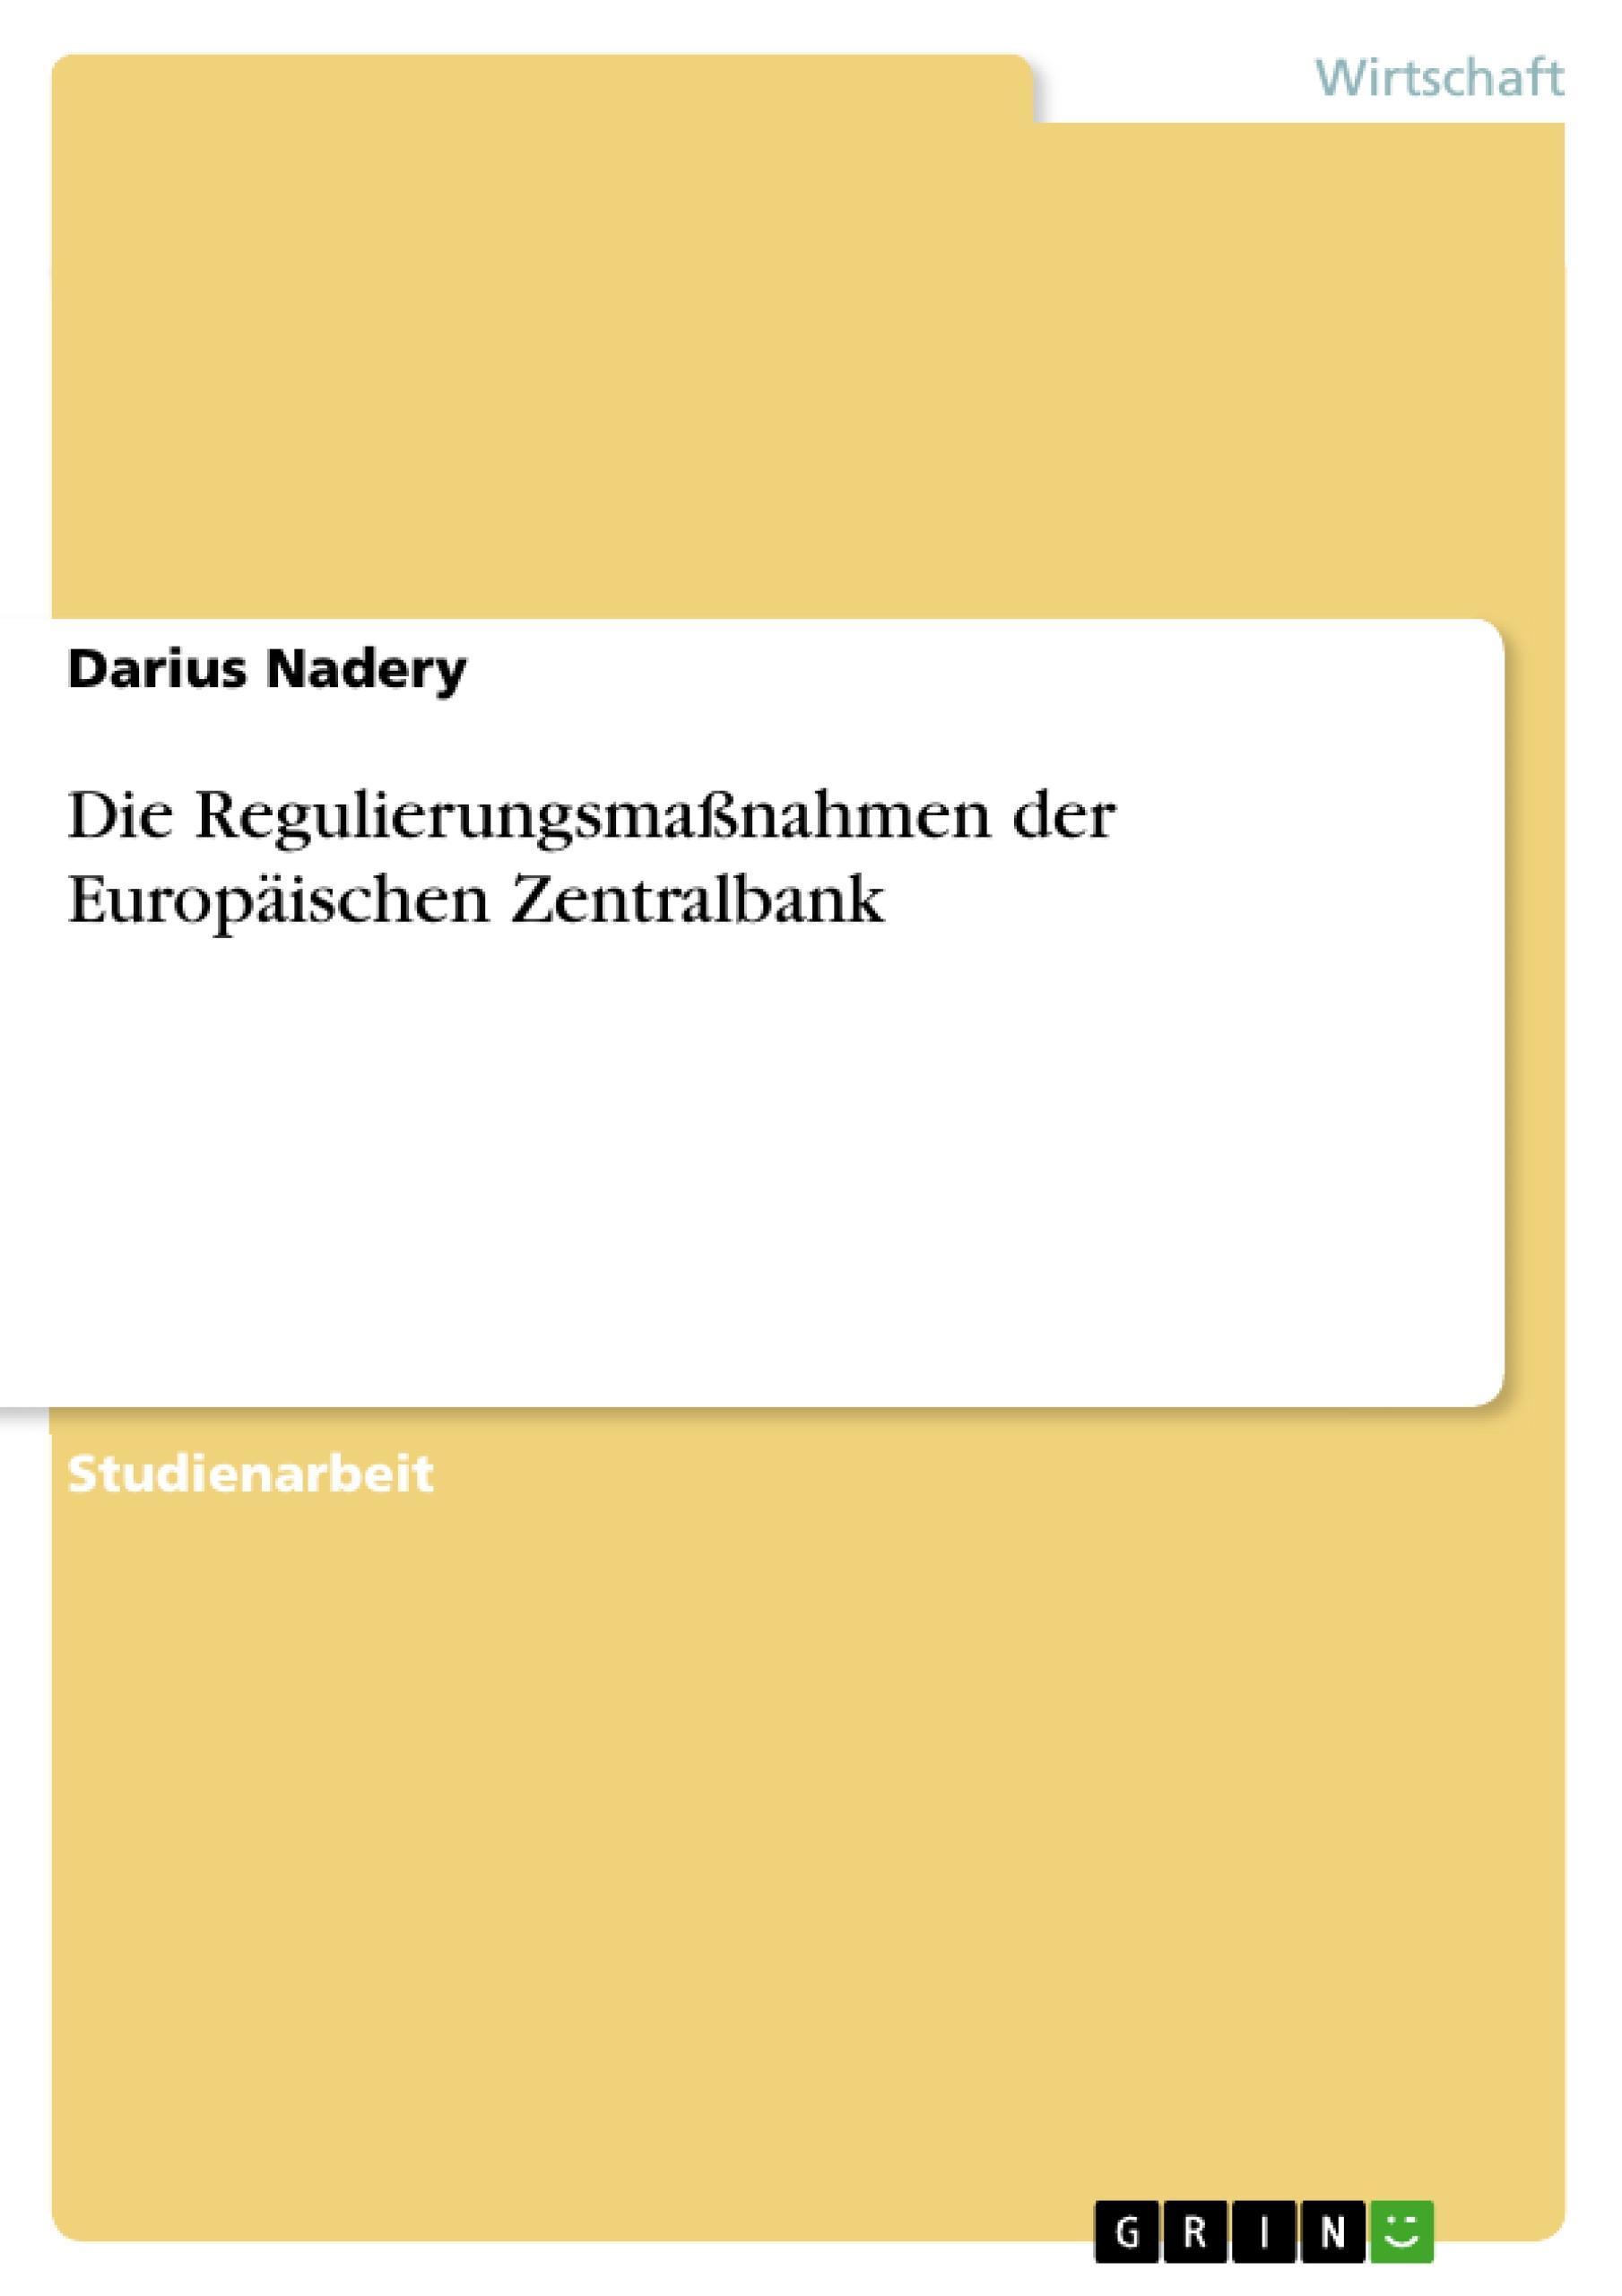 Die-Regulierungsmassnahmen-der-Europaeischen-Zentralbank-Darius-Nadery